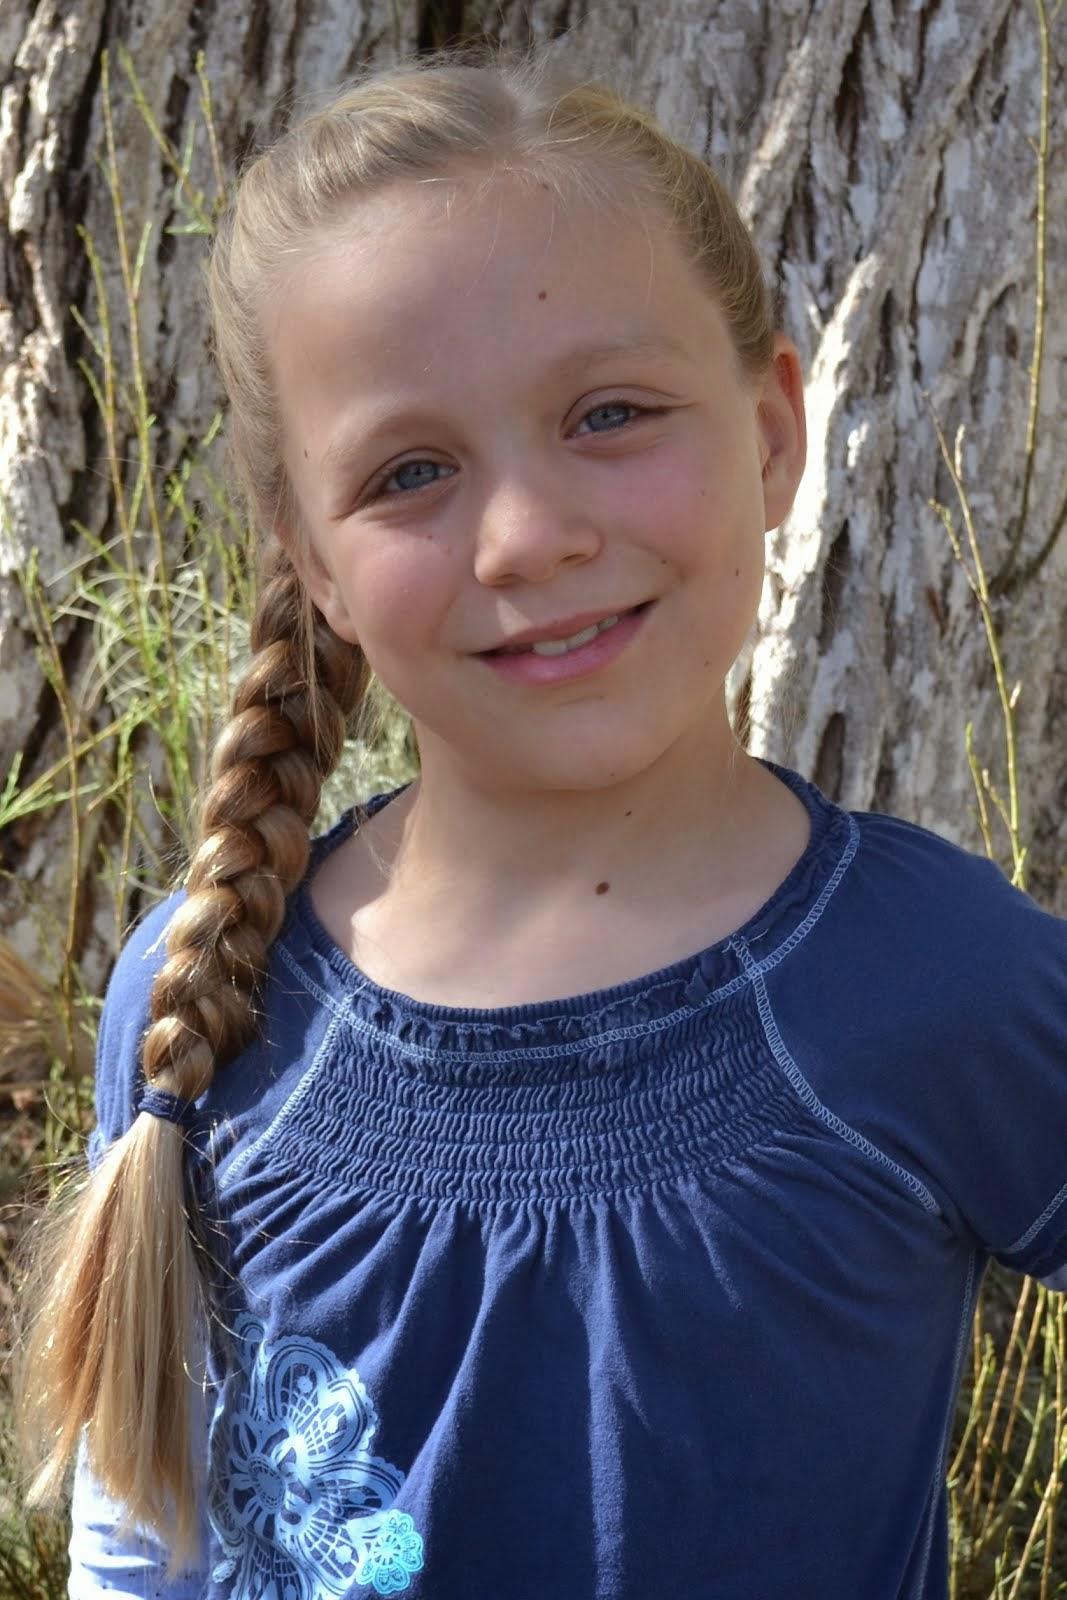 Shaelyn Grace